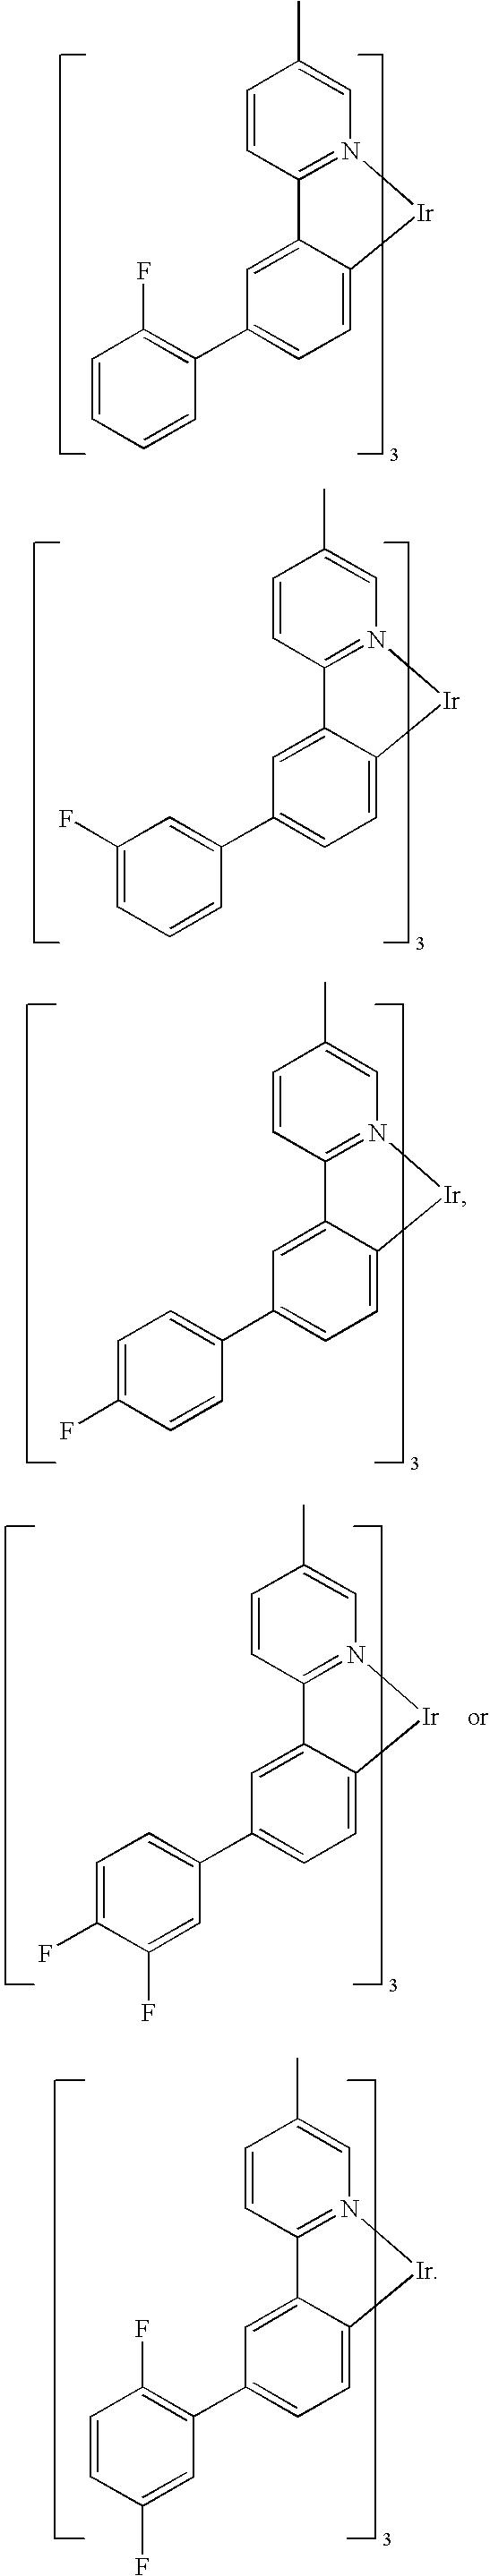 Figure US20070003789A1-20070104-C00028